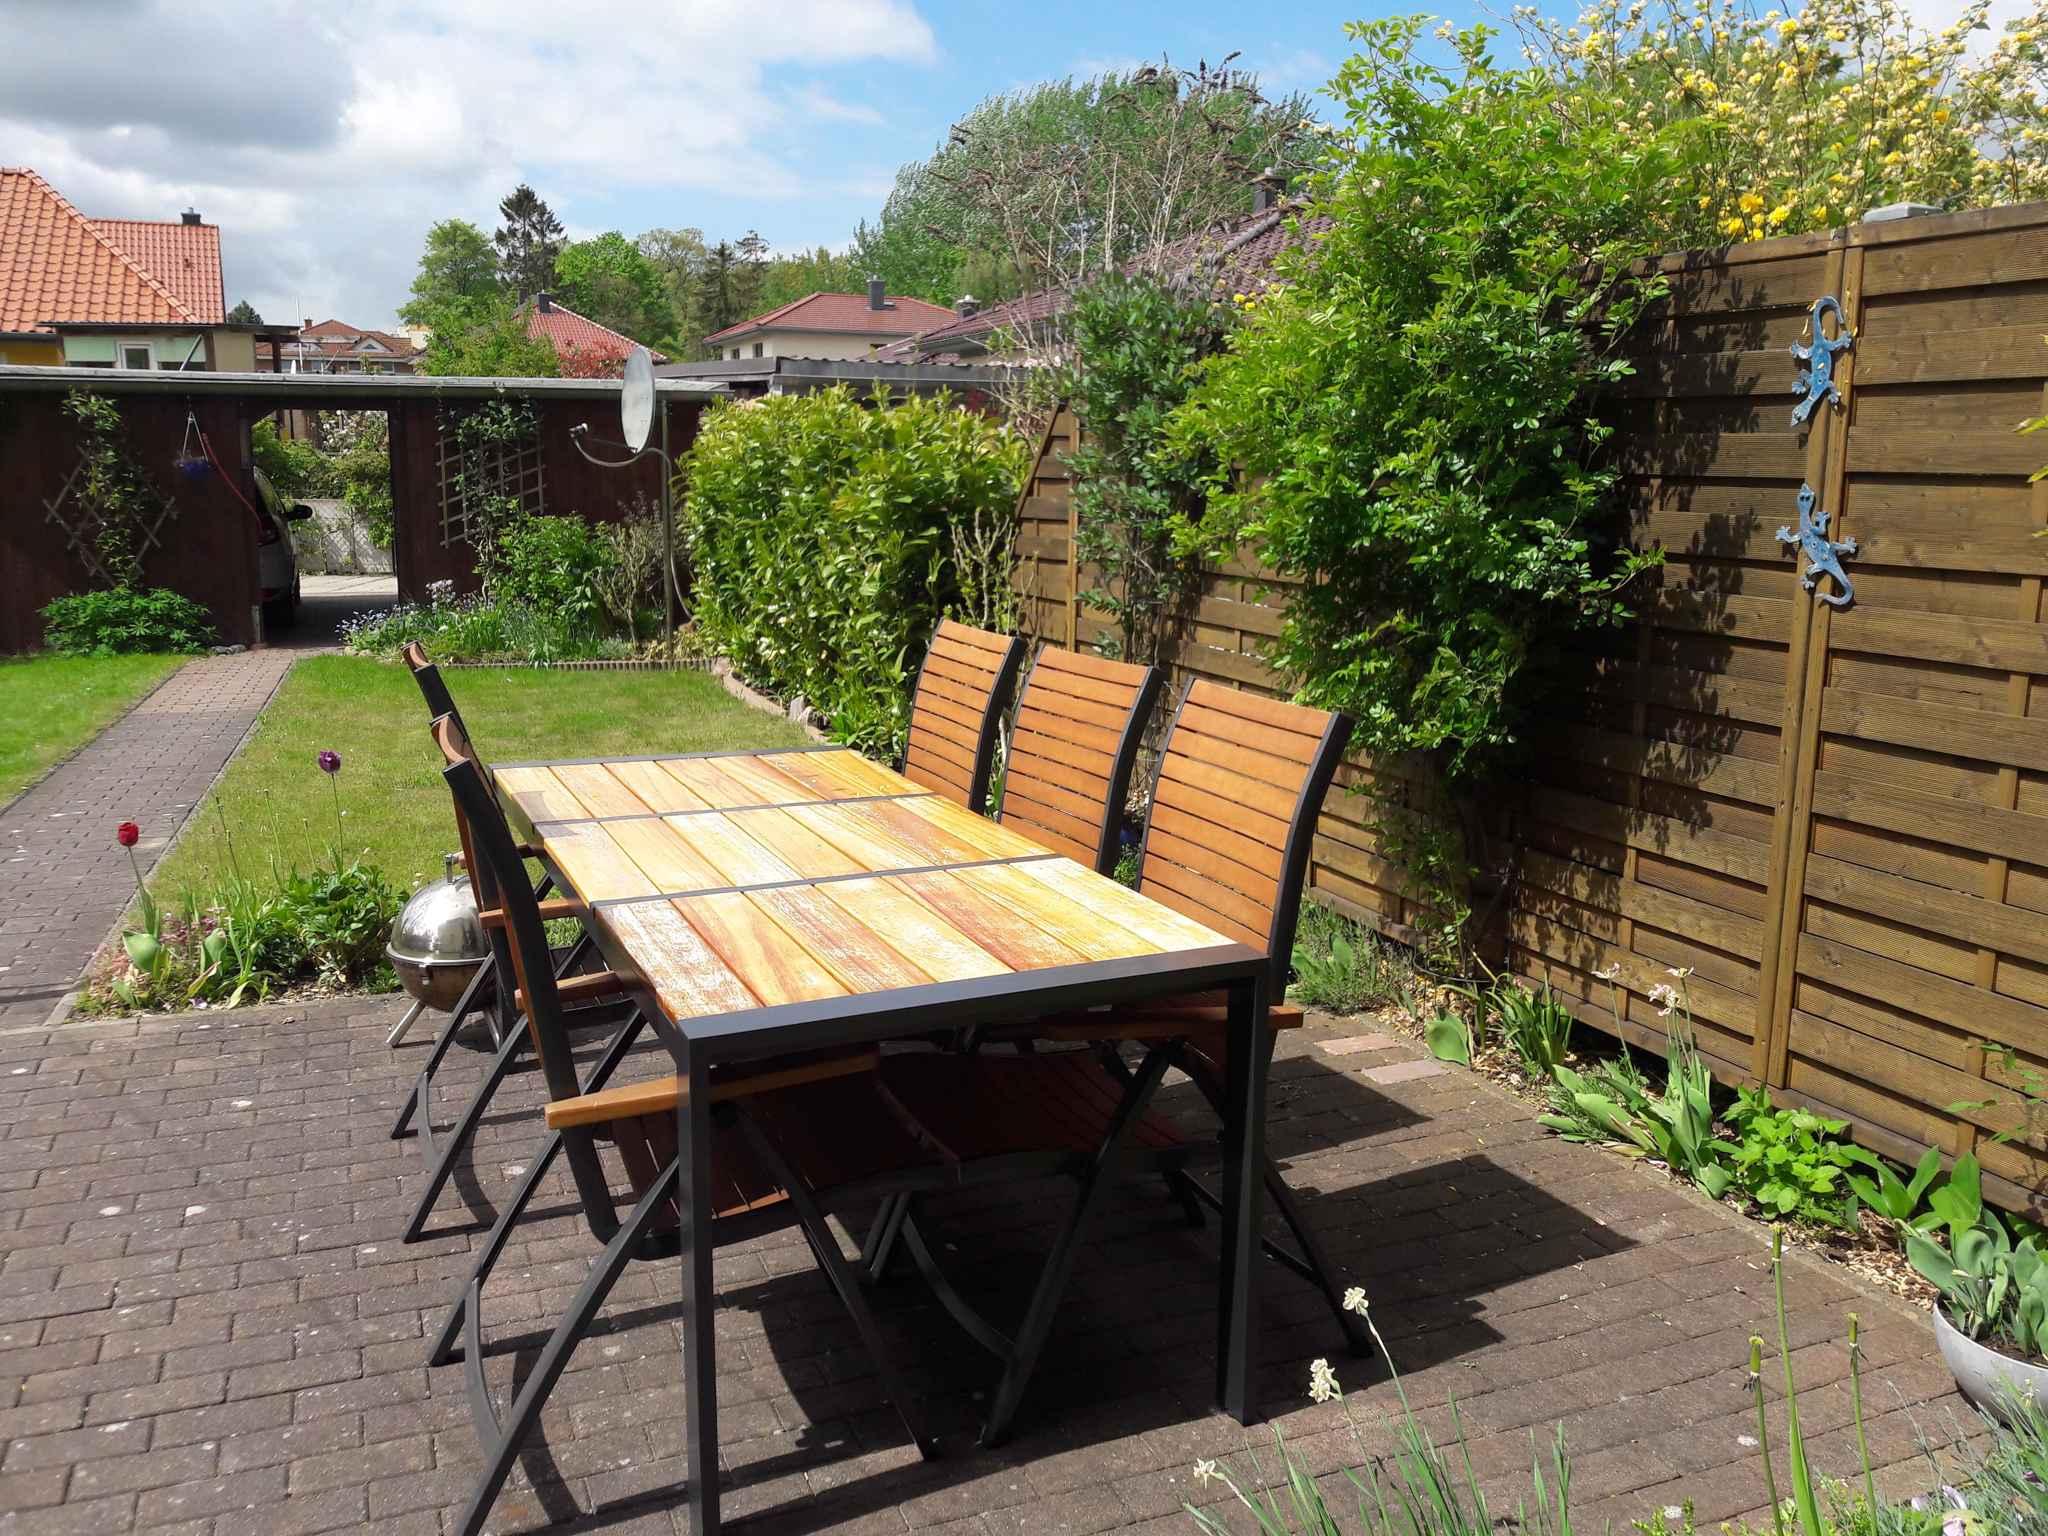 Ferienwohnung mit Terrasse im Garten (342658), Stralsund (Stadt), Stralsund, Mecklenburg-Vorpommern, Deutschland, Bild 4